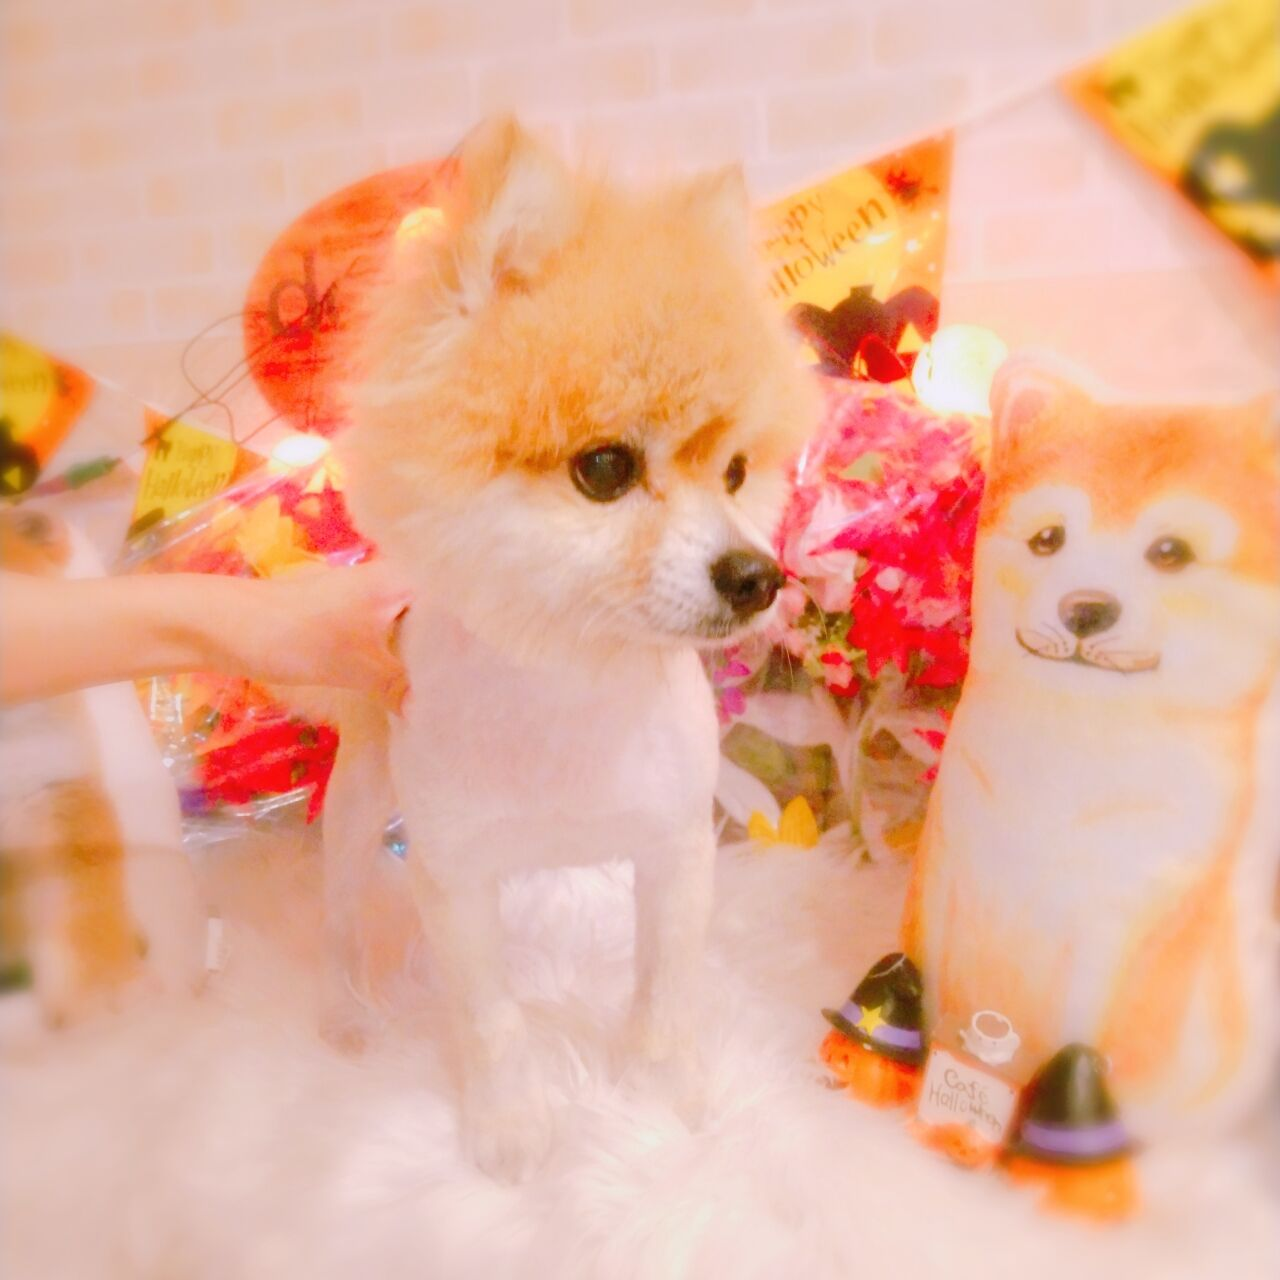 20-10-10-17-29-06-147_photo